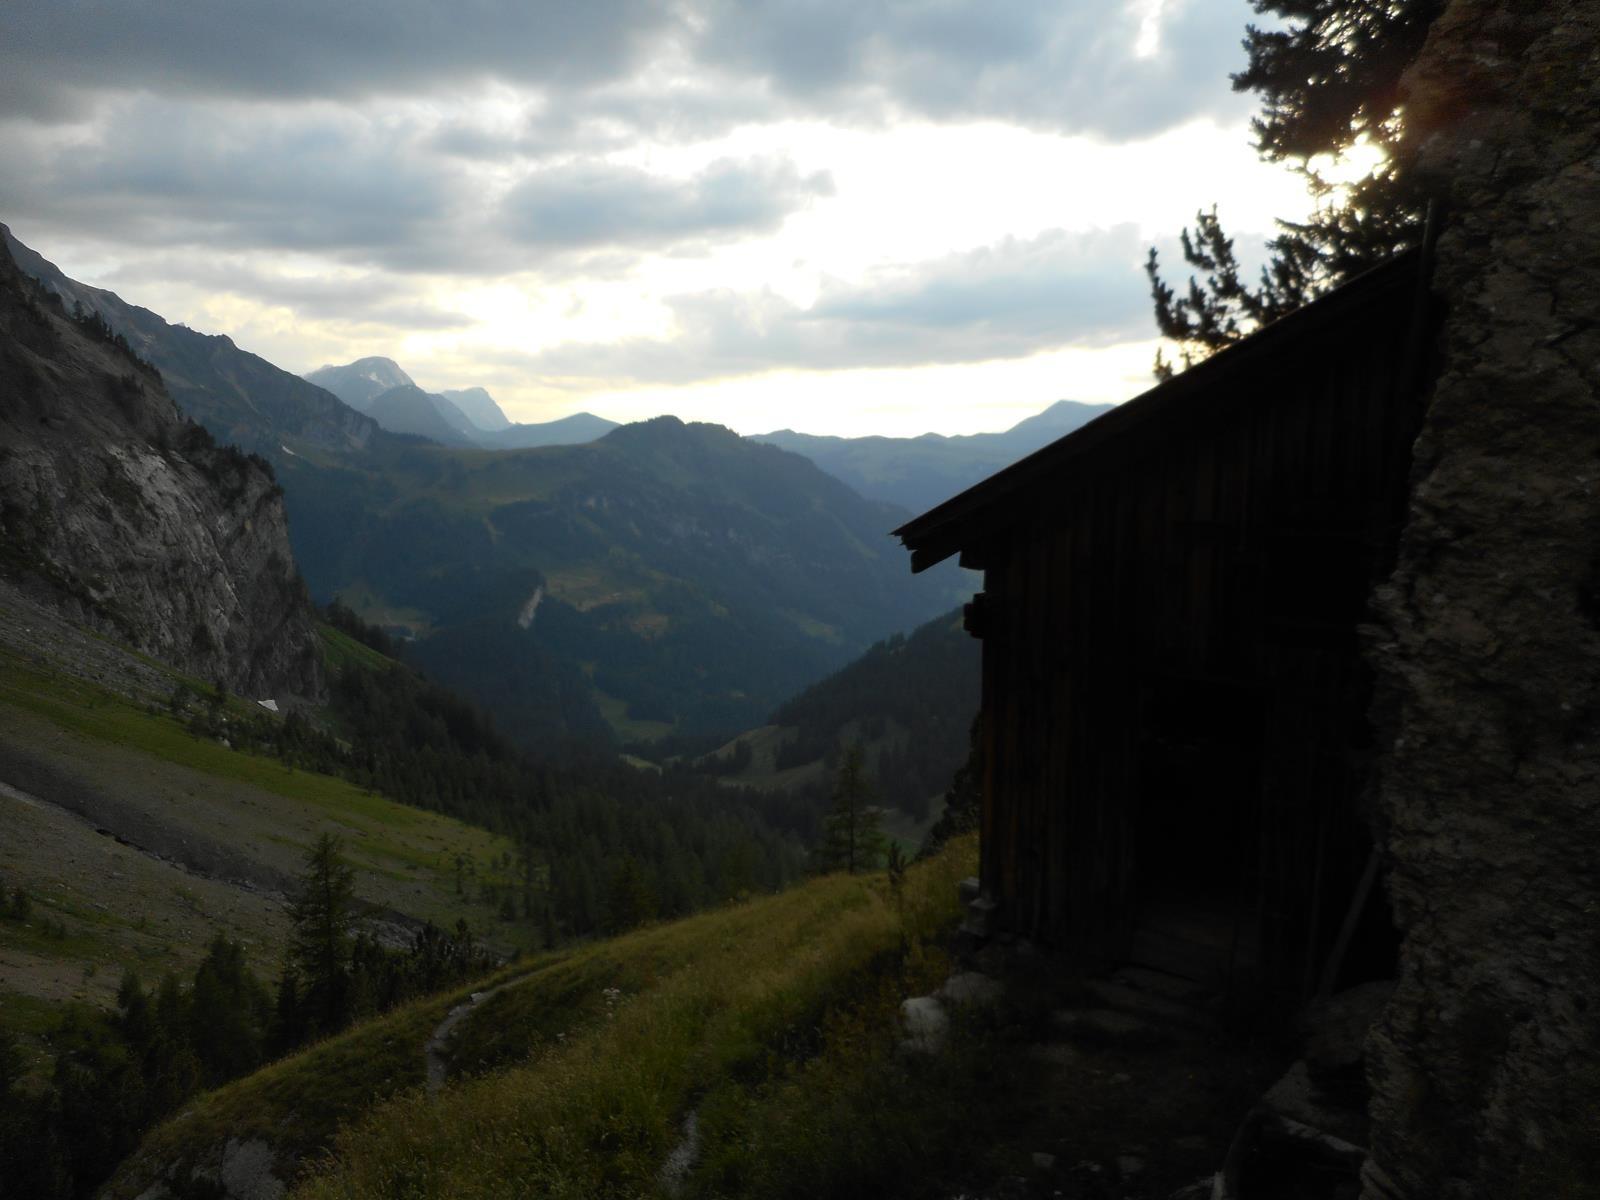 Notre 1er bivouac, l'Ammertenhütte,tout confort